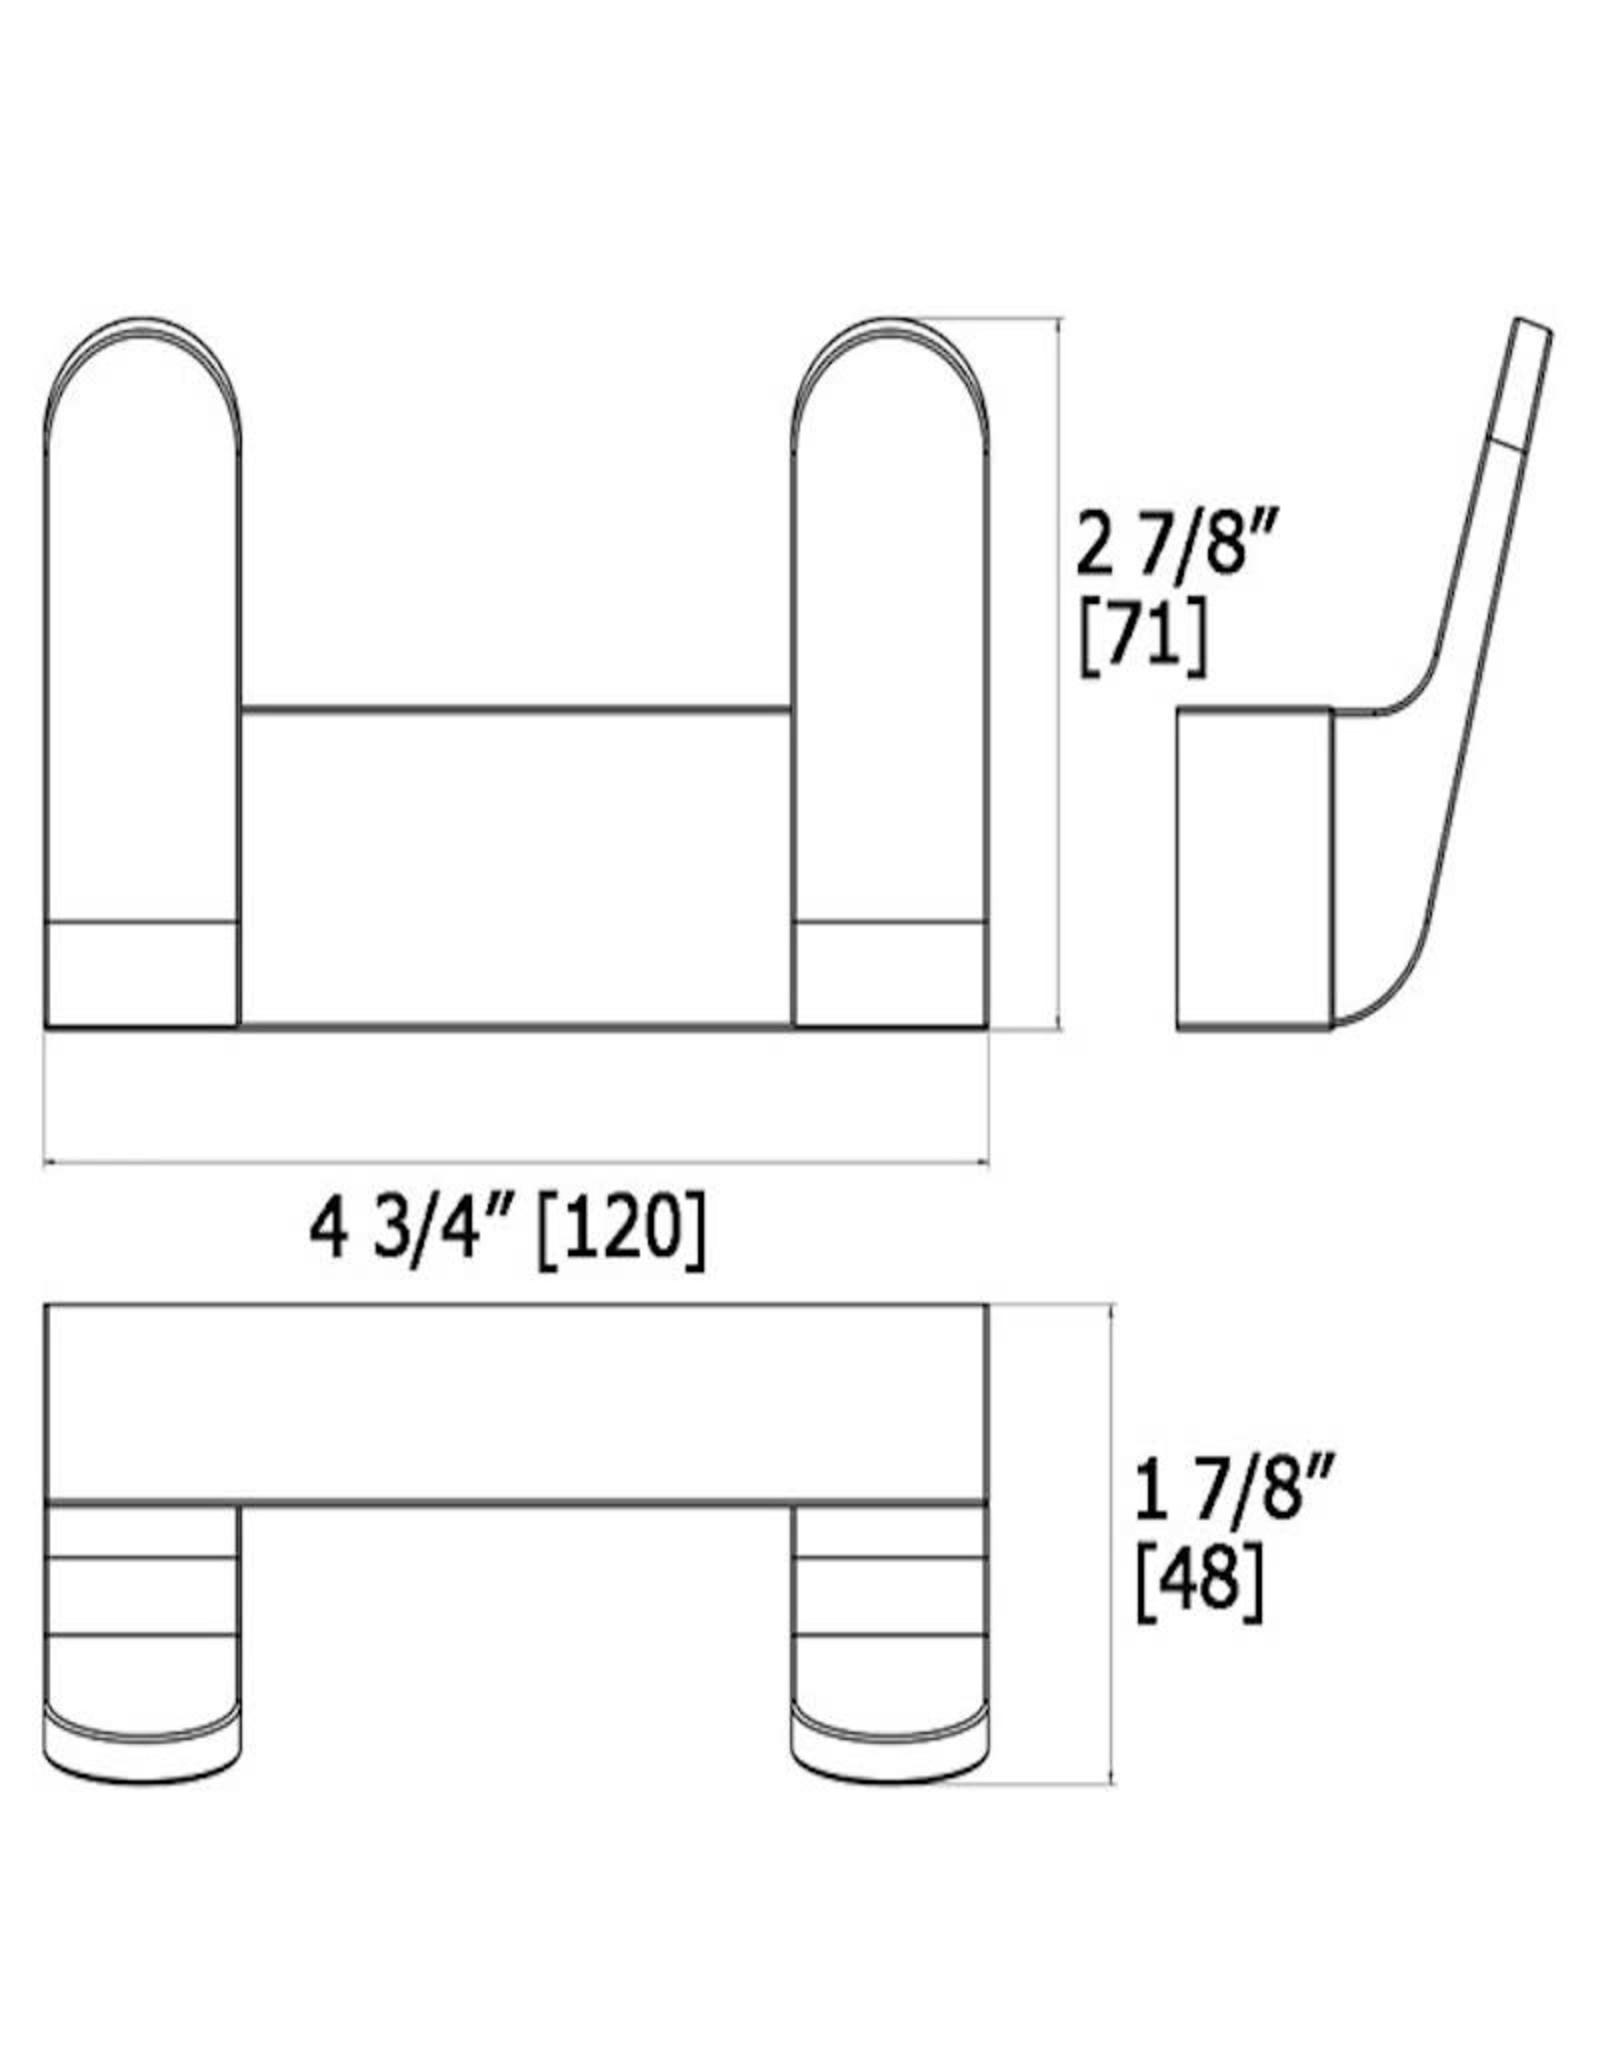 LalOO Laloo Double Hook- 7116